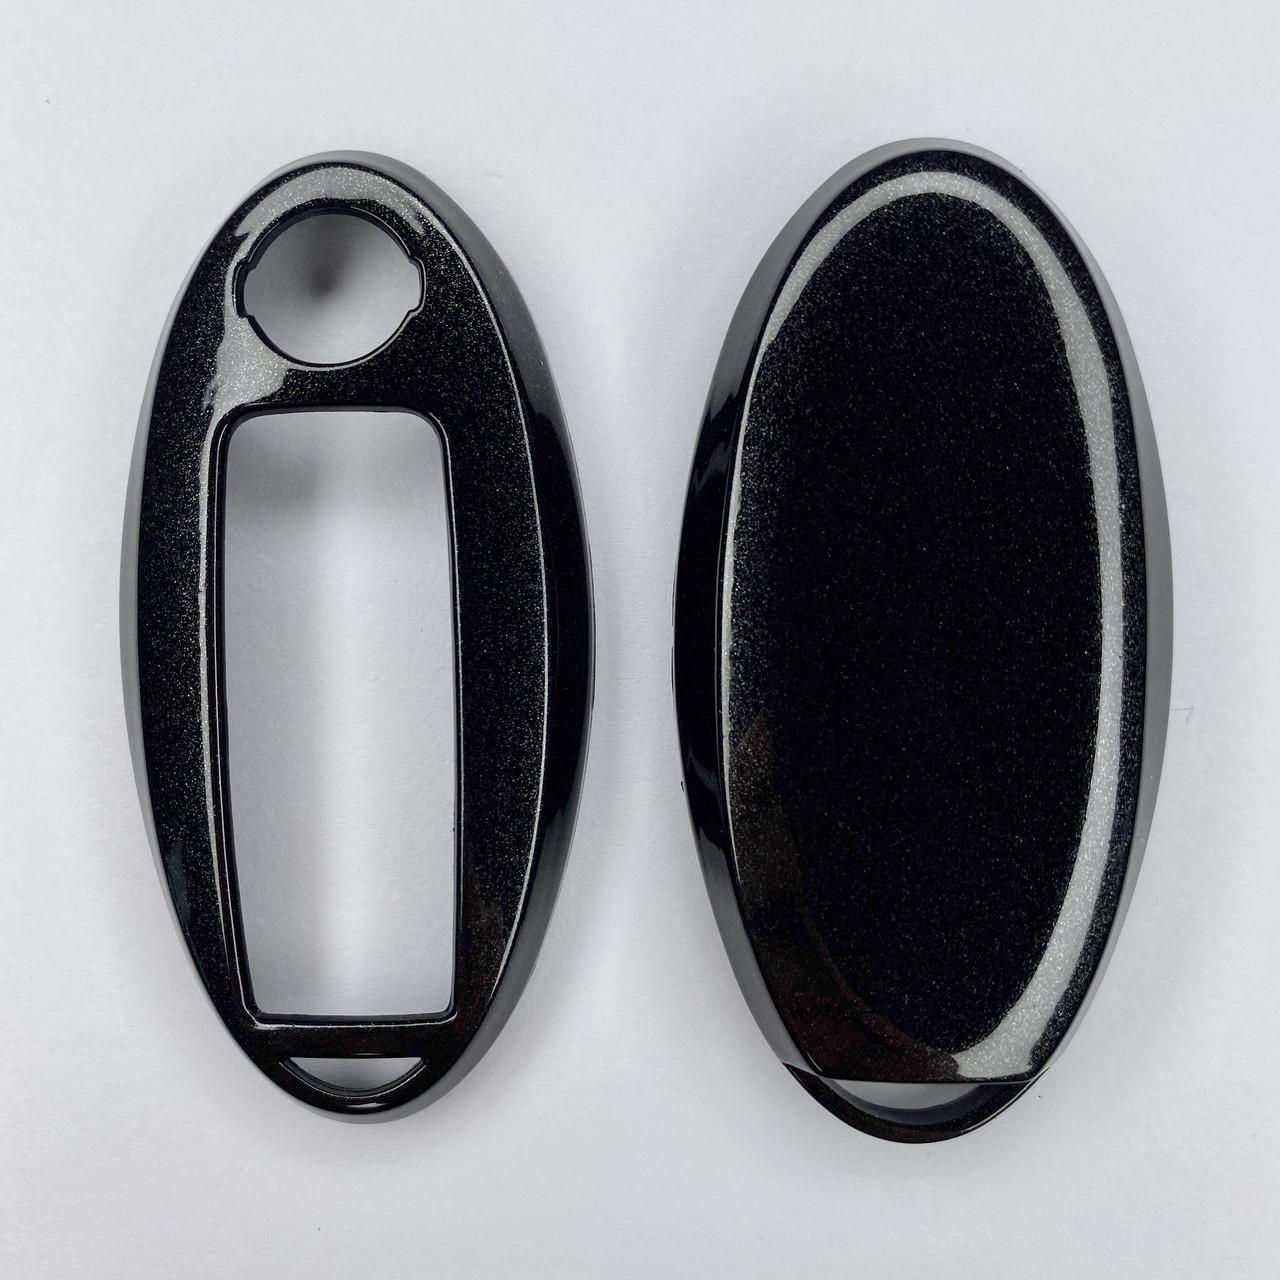 Пластиковый чехол для ключа Infiniti Q30/50/60/70,QX30/50/60/70/80 EX FX 35/37/45